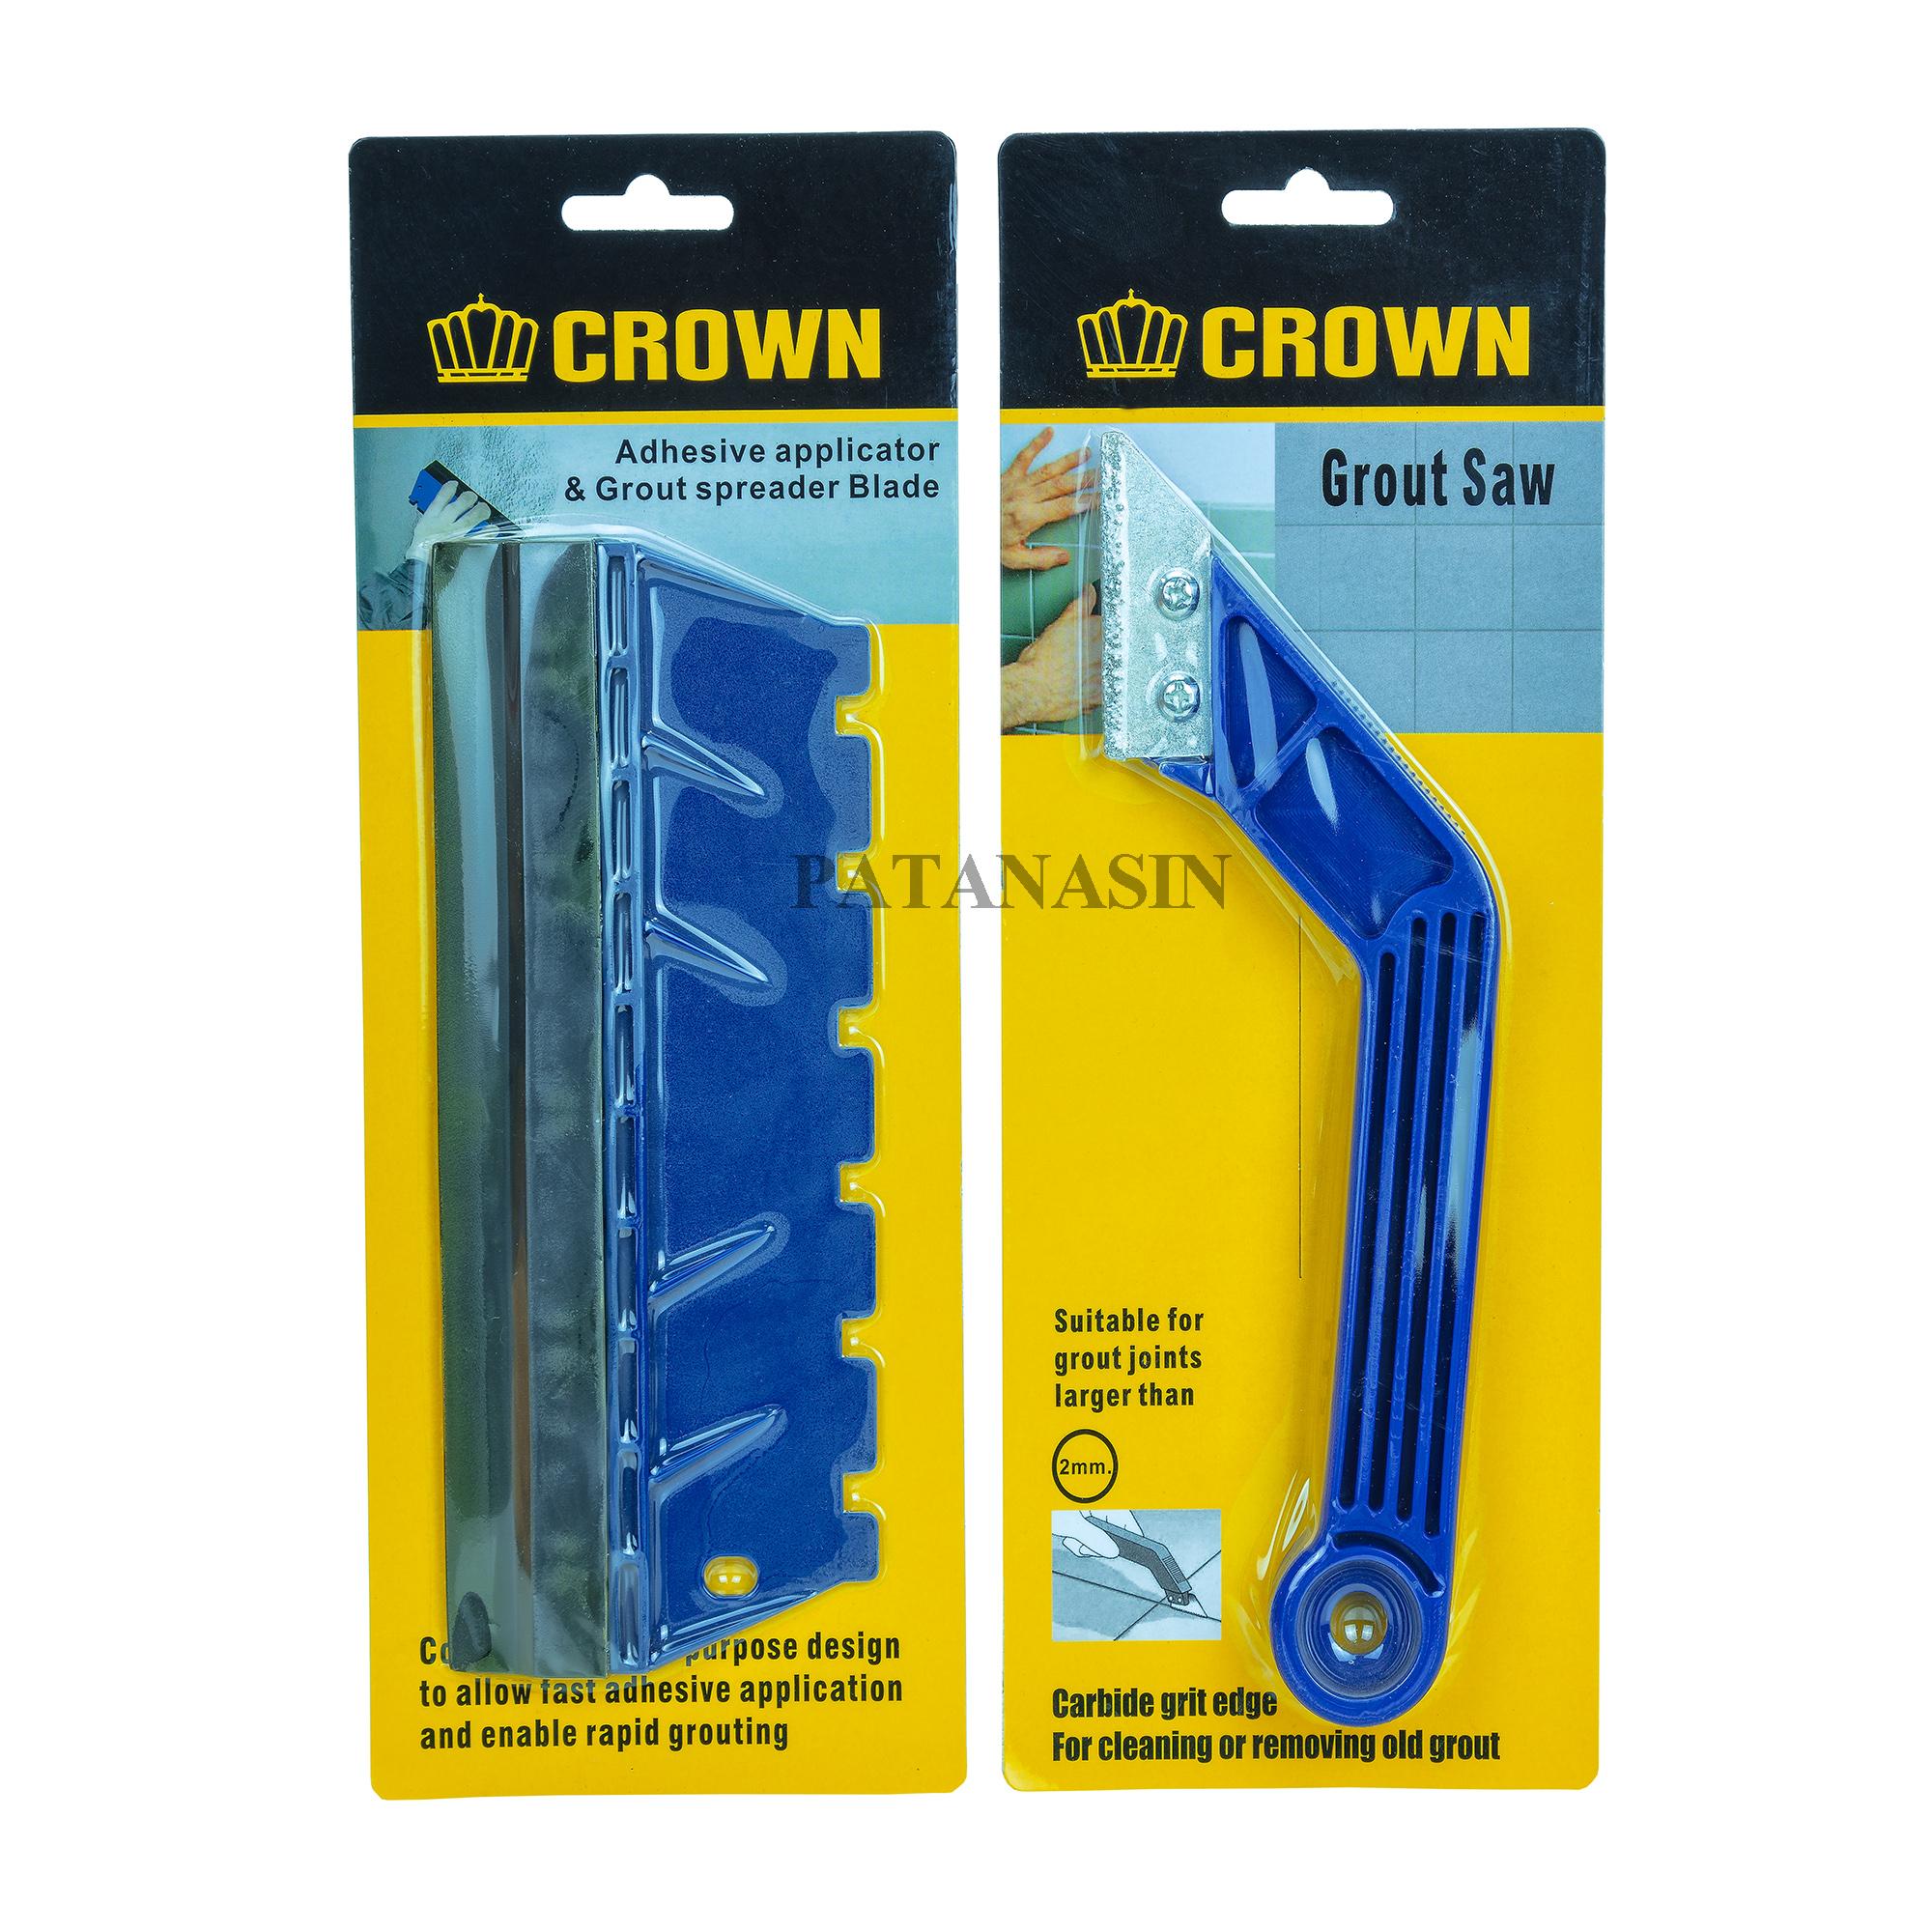 อุปกรณ์ขูดร่องยาแนว & เกียงพลาสติกปาดยาแนว CROWN